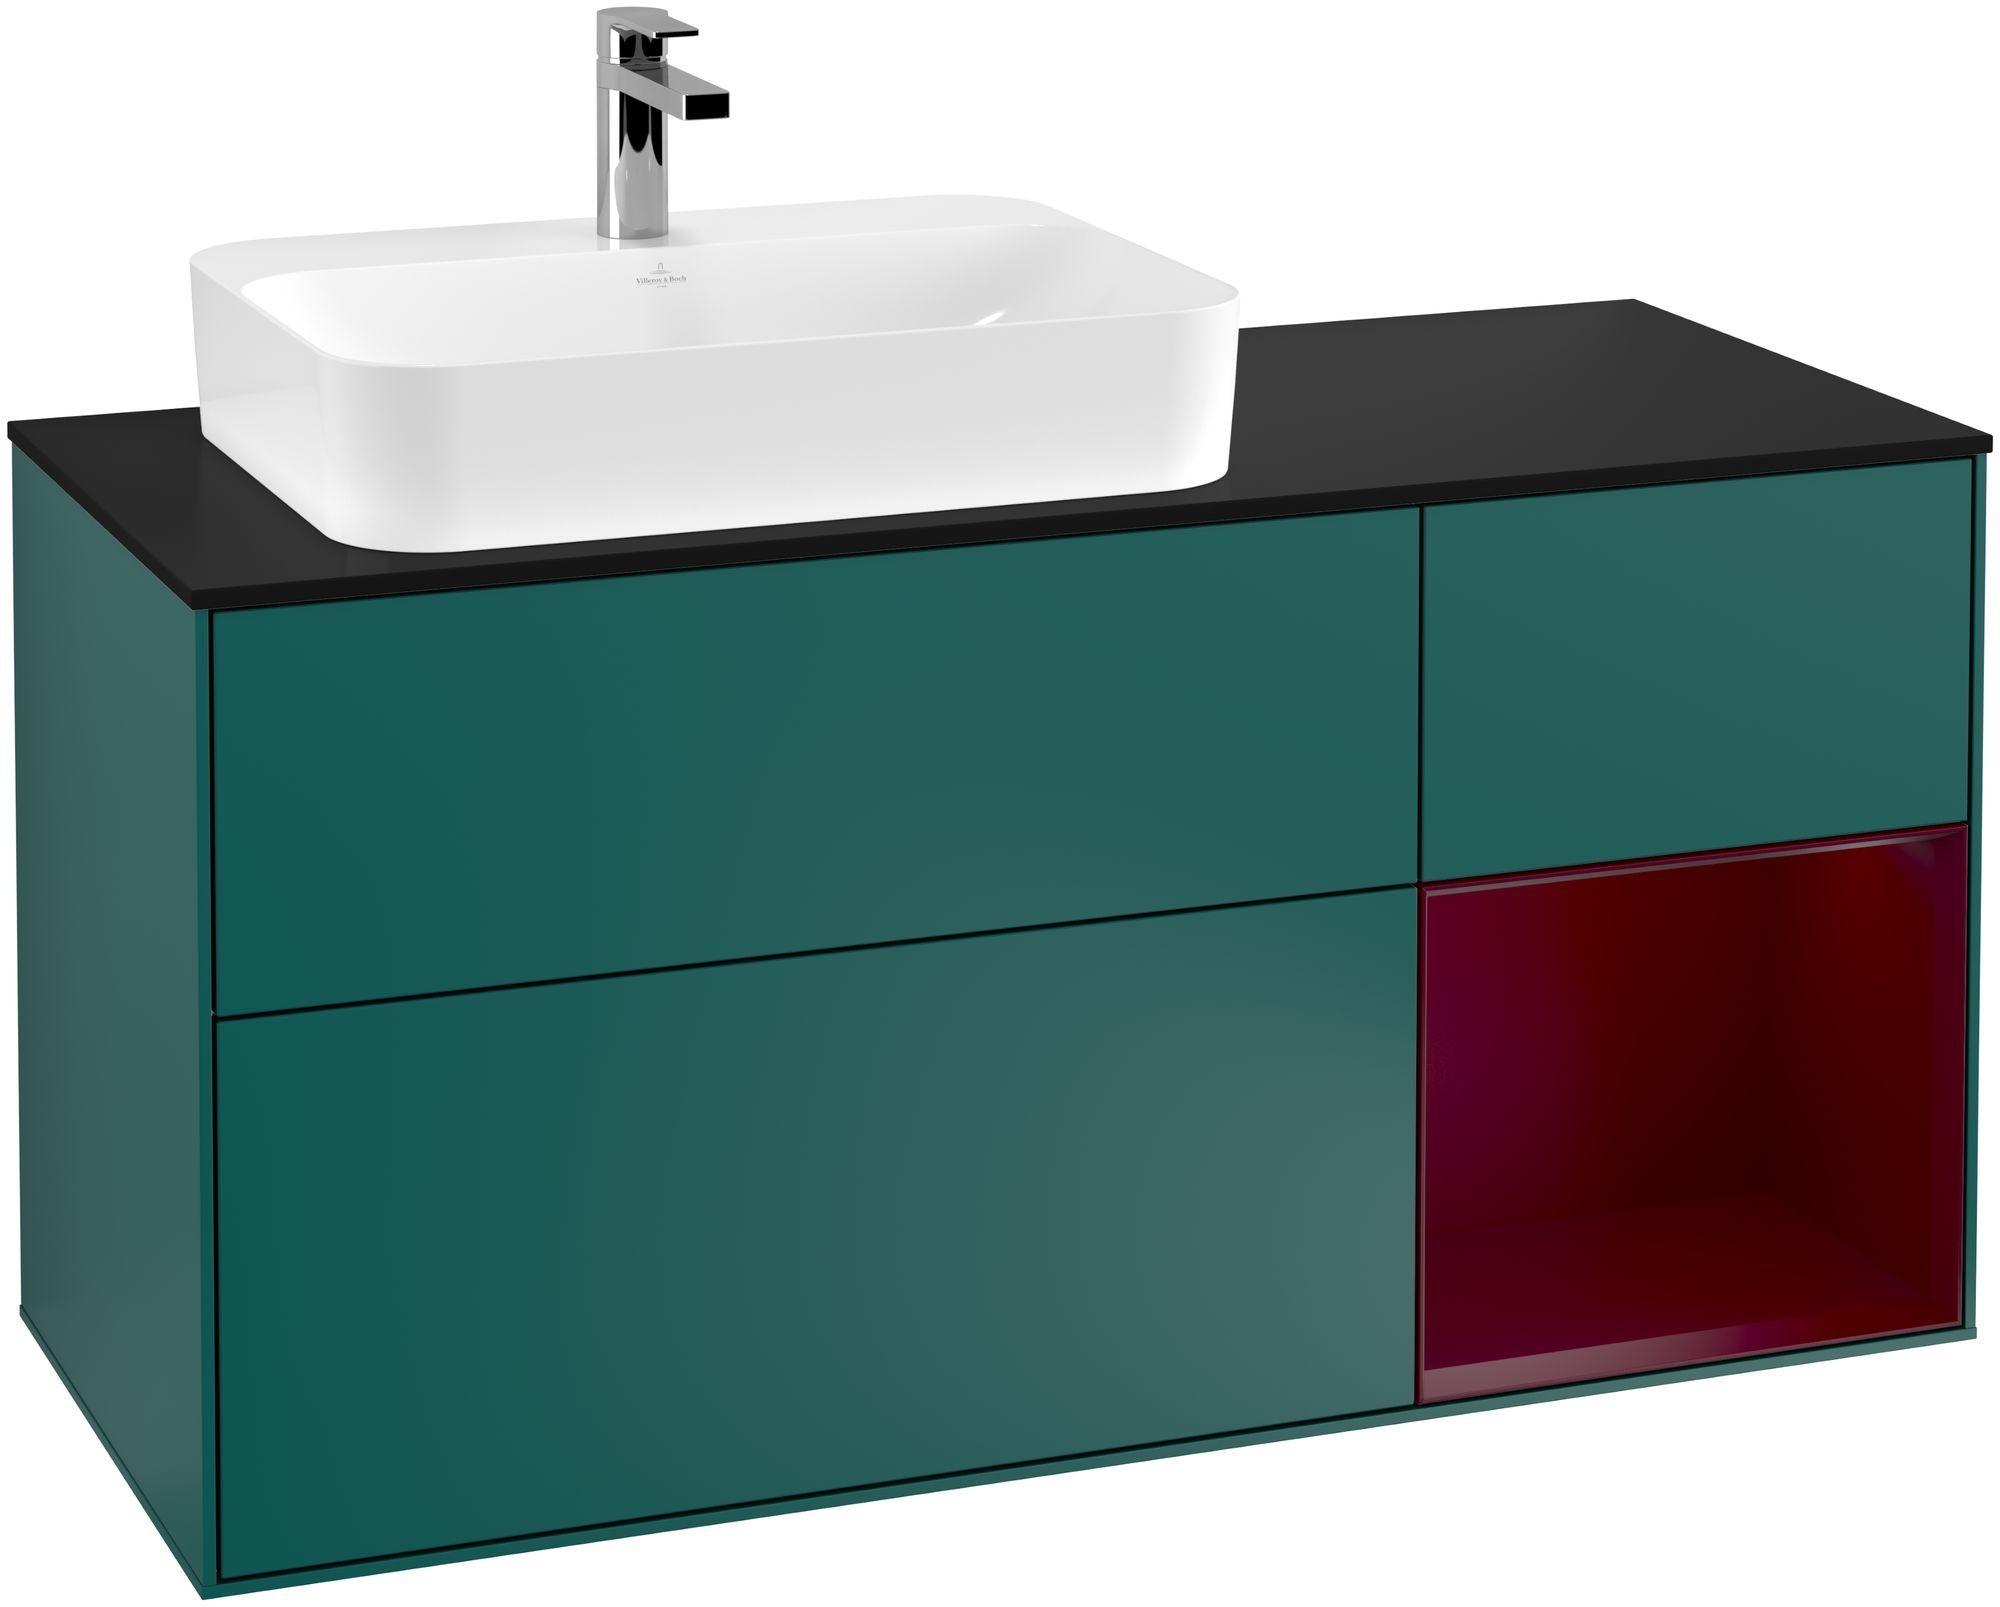 Villeroy & Boch Finion G40 Waschtischunterschrank mit Regalelement 3 Auszüge Waschtisch links LED-Beleuchtung B:120xH:60,3xT:50,1cm Front, Korpus: Cedar, Regal: Peony, Glasplatte: Black Matt G402HBGS